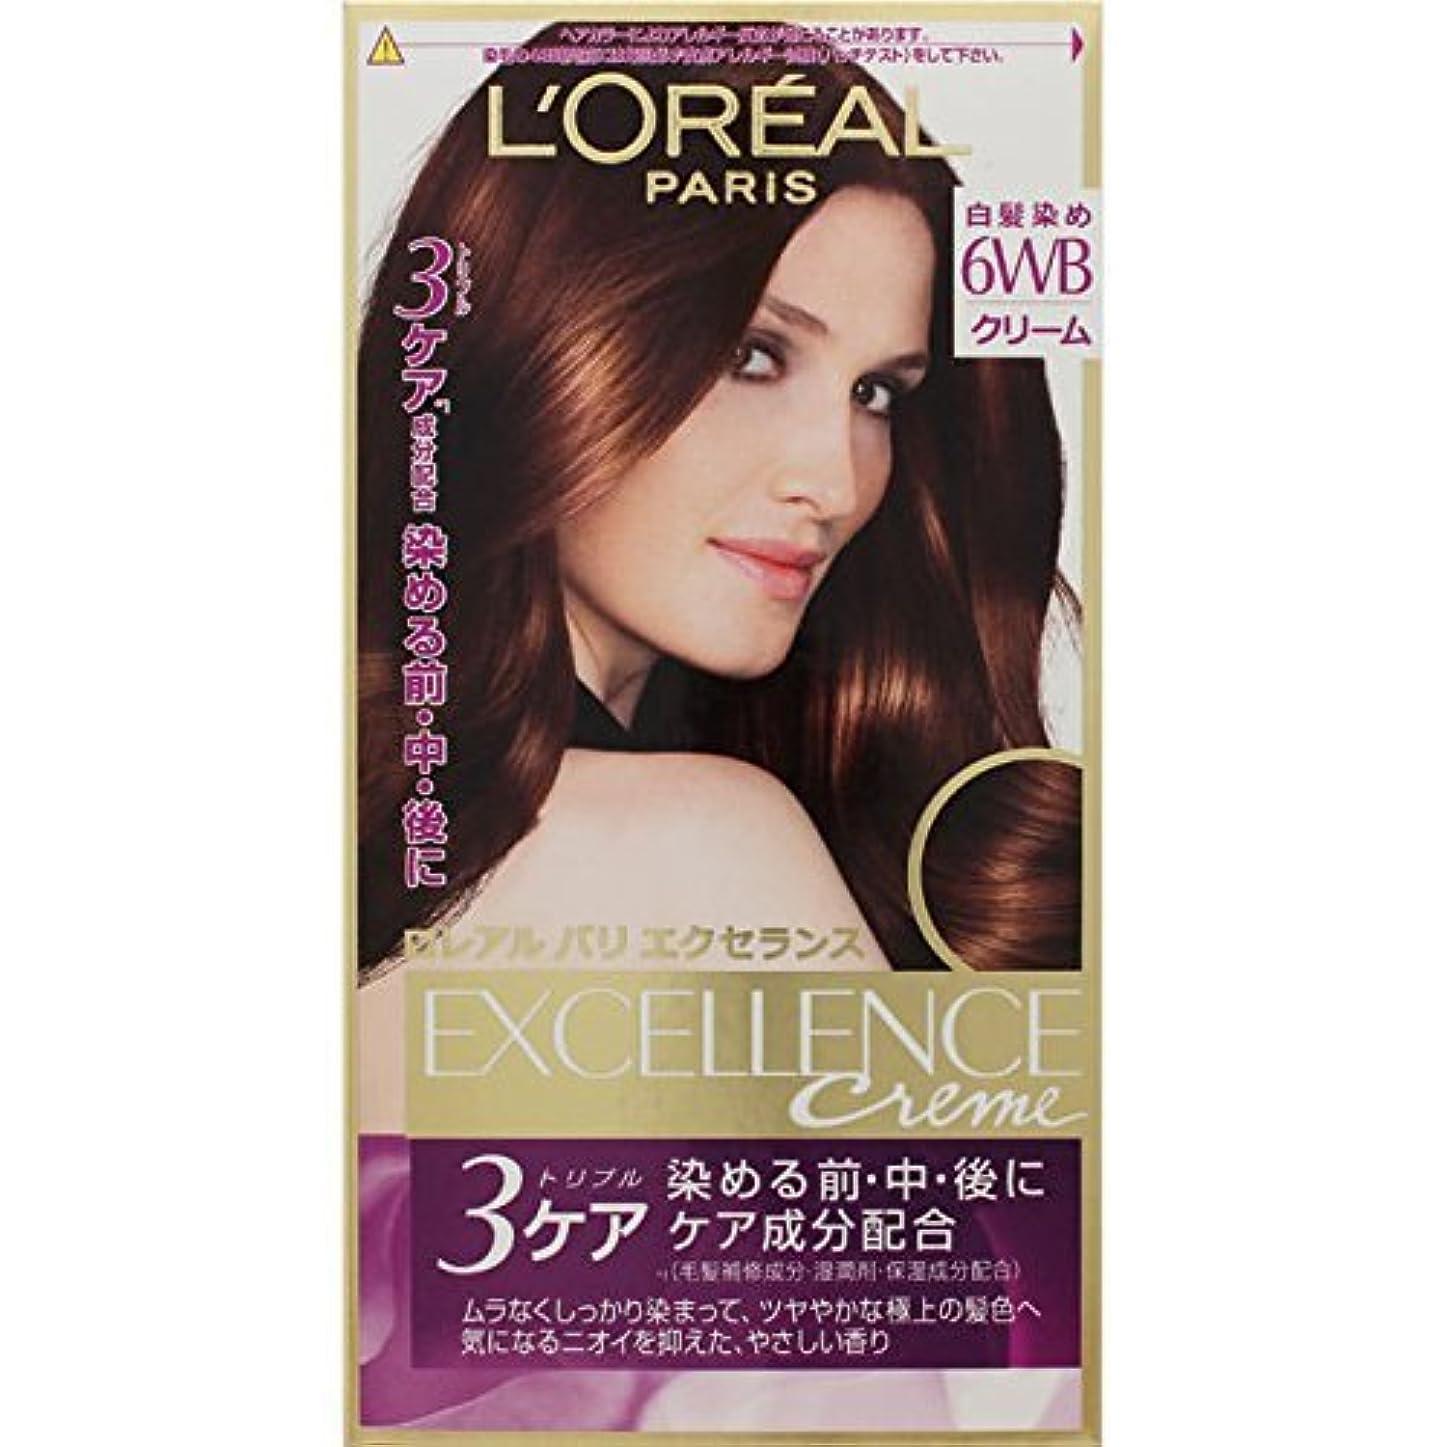 感嘆符させるなんとなくロレアル パリ ヘアカラー 白髪染め エクセランス N クリームタイプ 6WB ウォーム系のやや明るい栗色